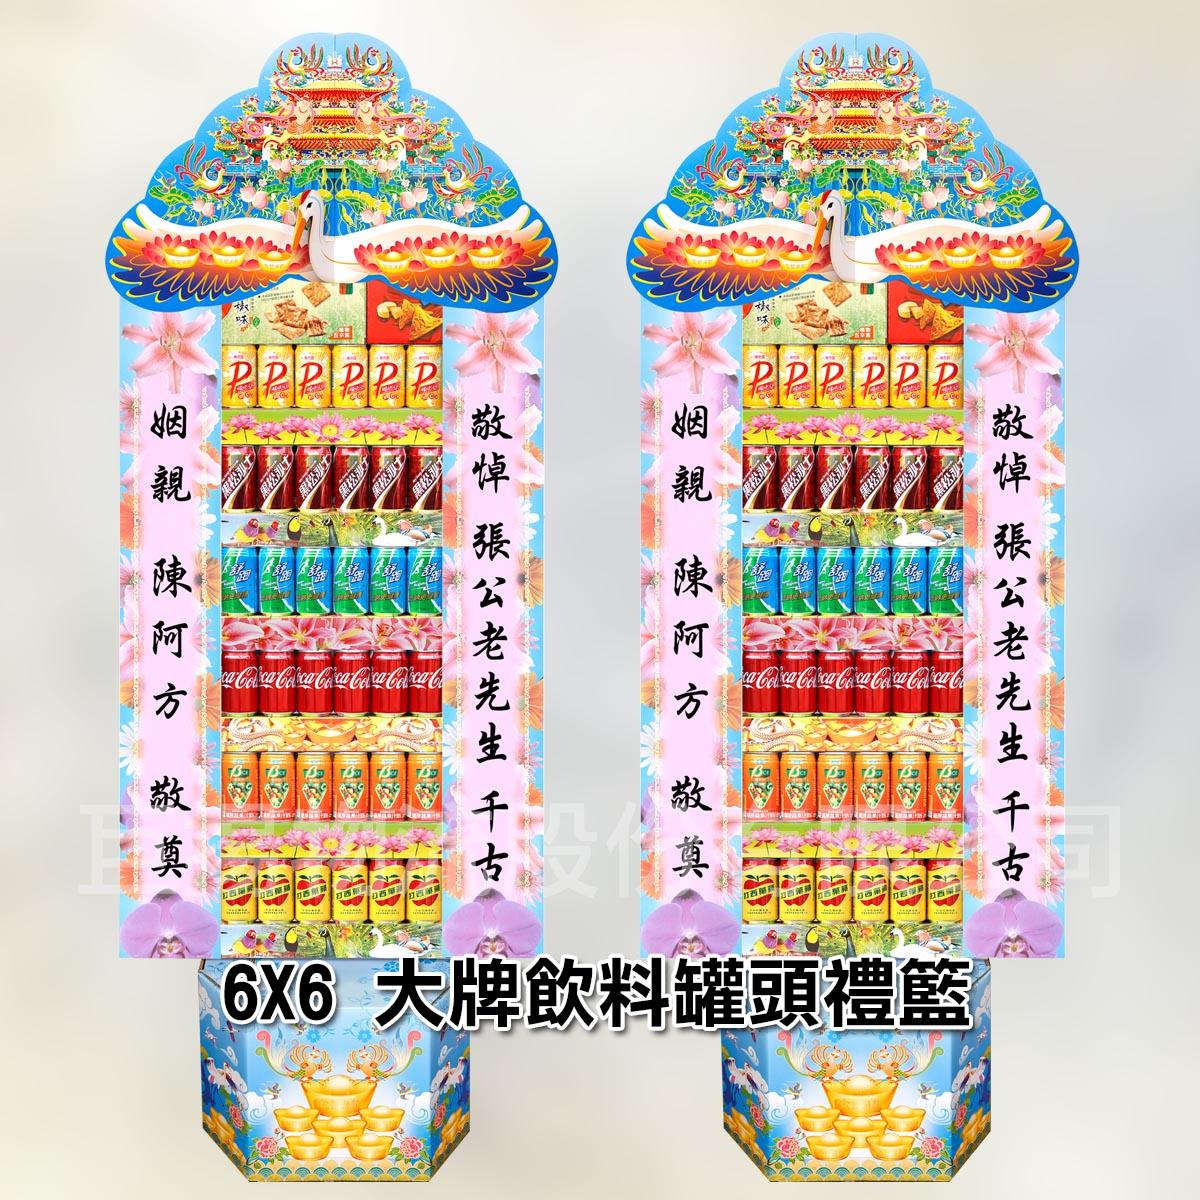 喪禮用罐頭塔-6x6 大牌飲料罐頭禮籃